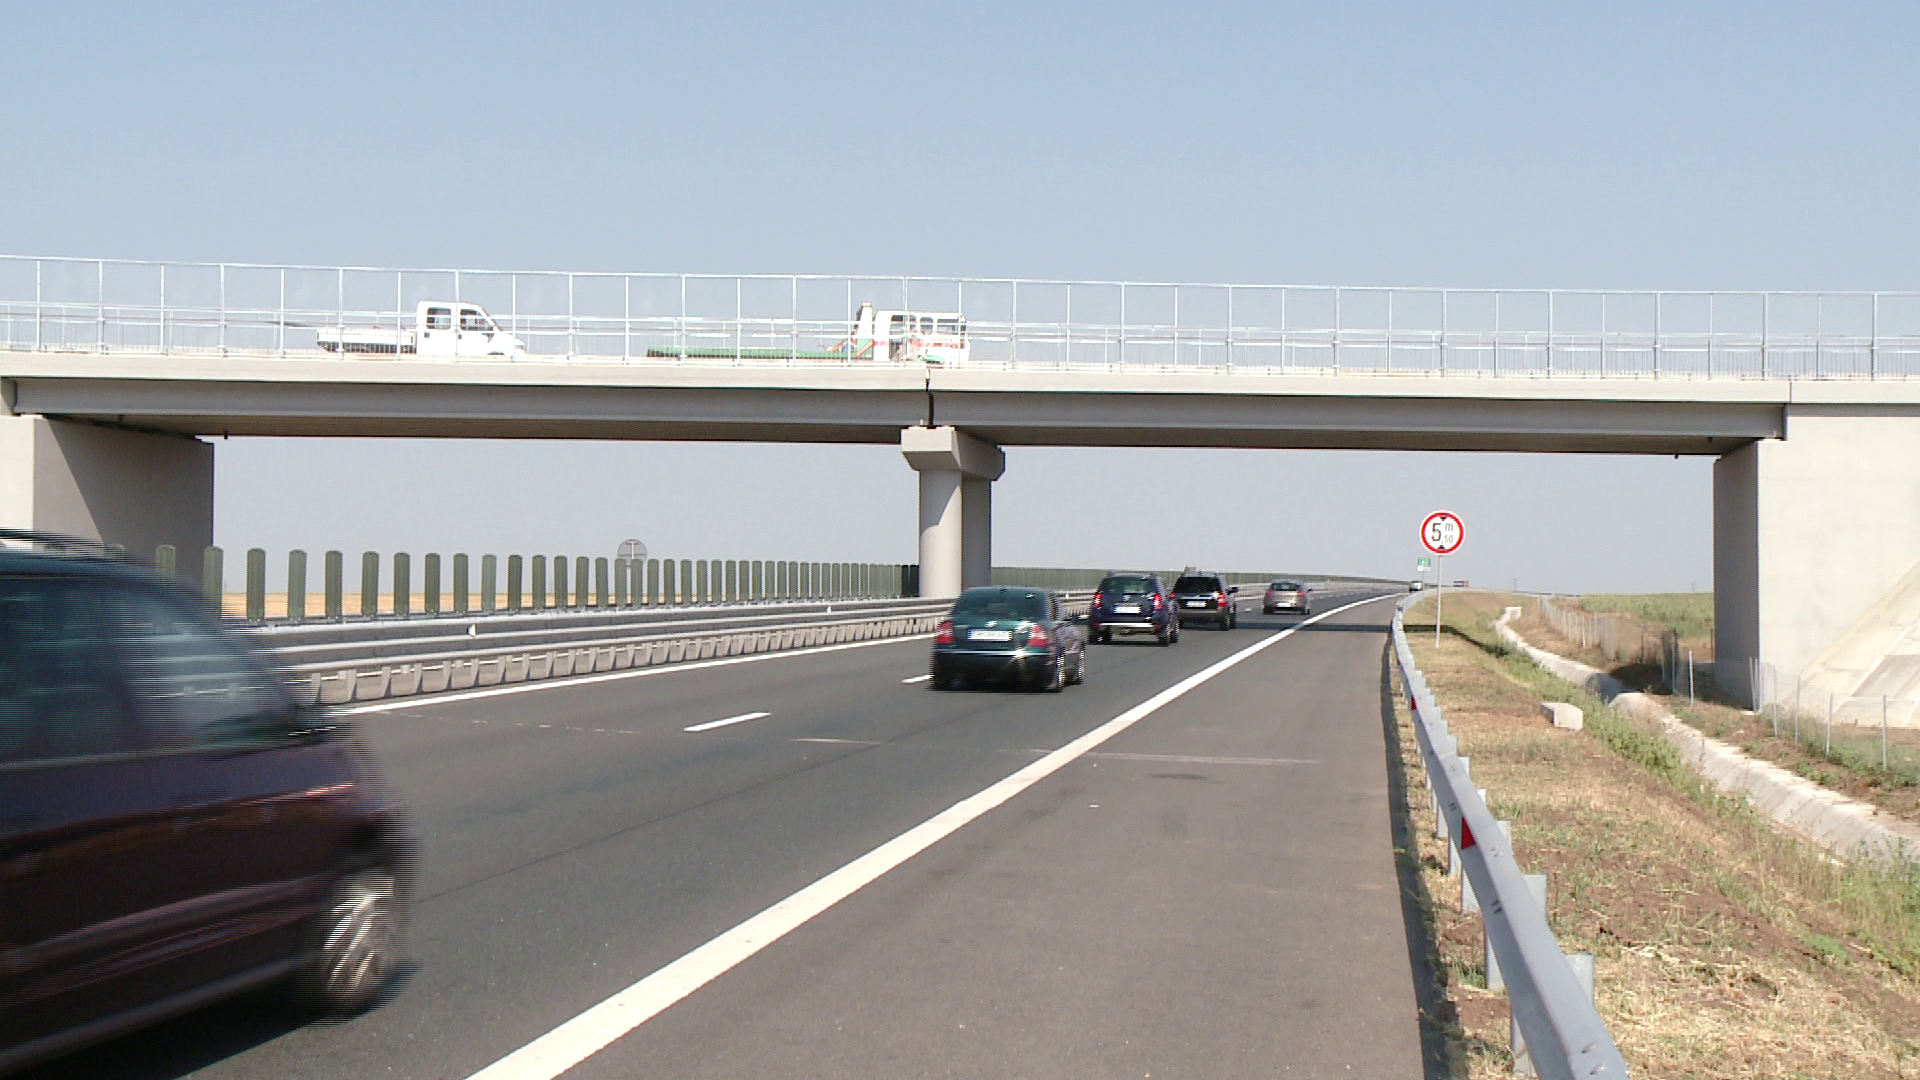 S-au tras focuri de arma pe autostrada Arad-Timisoara. Afla ce s-a intamplat noaptea trecuta